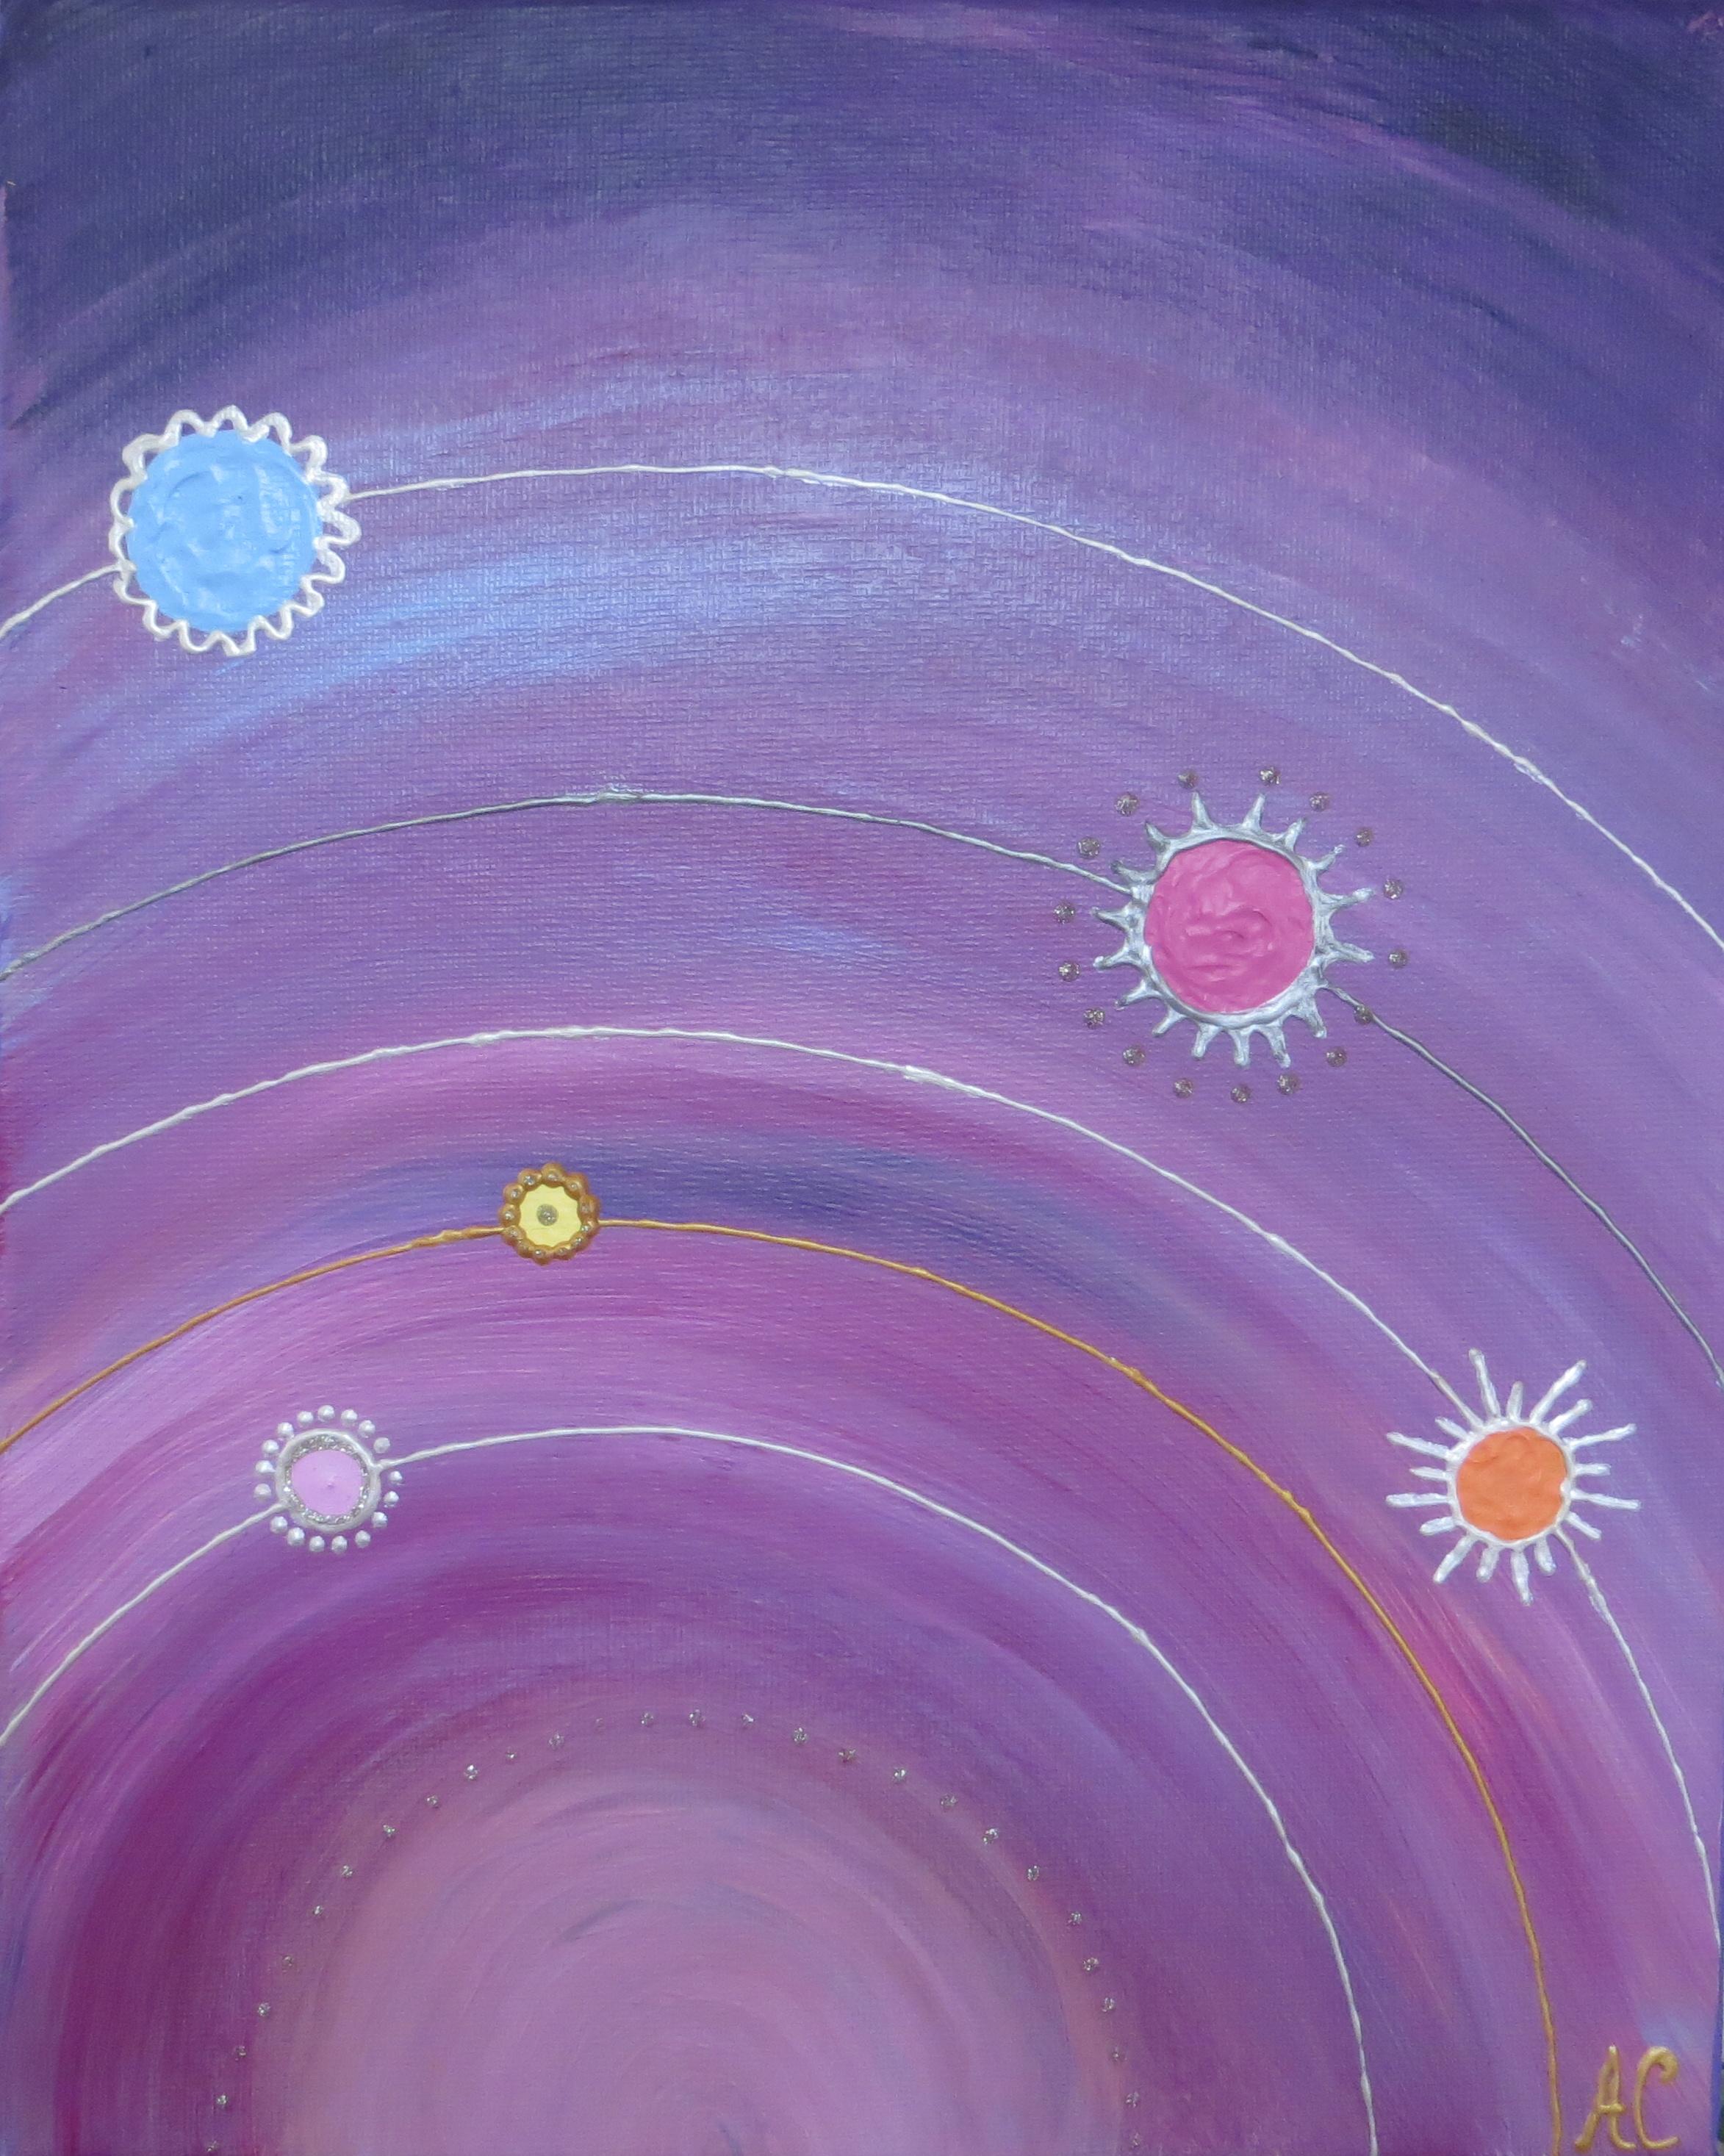 L'Univers sur Orbite